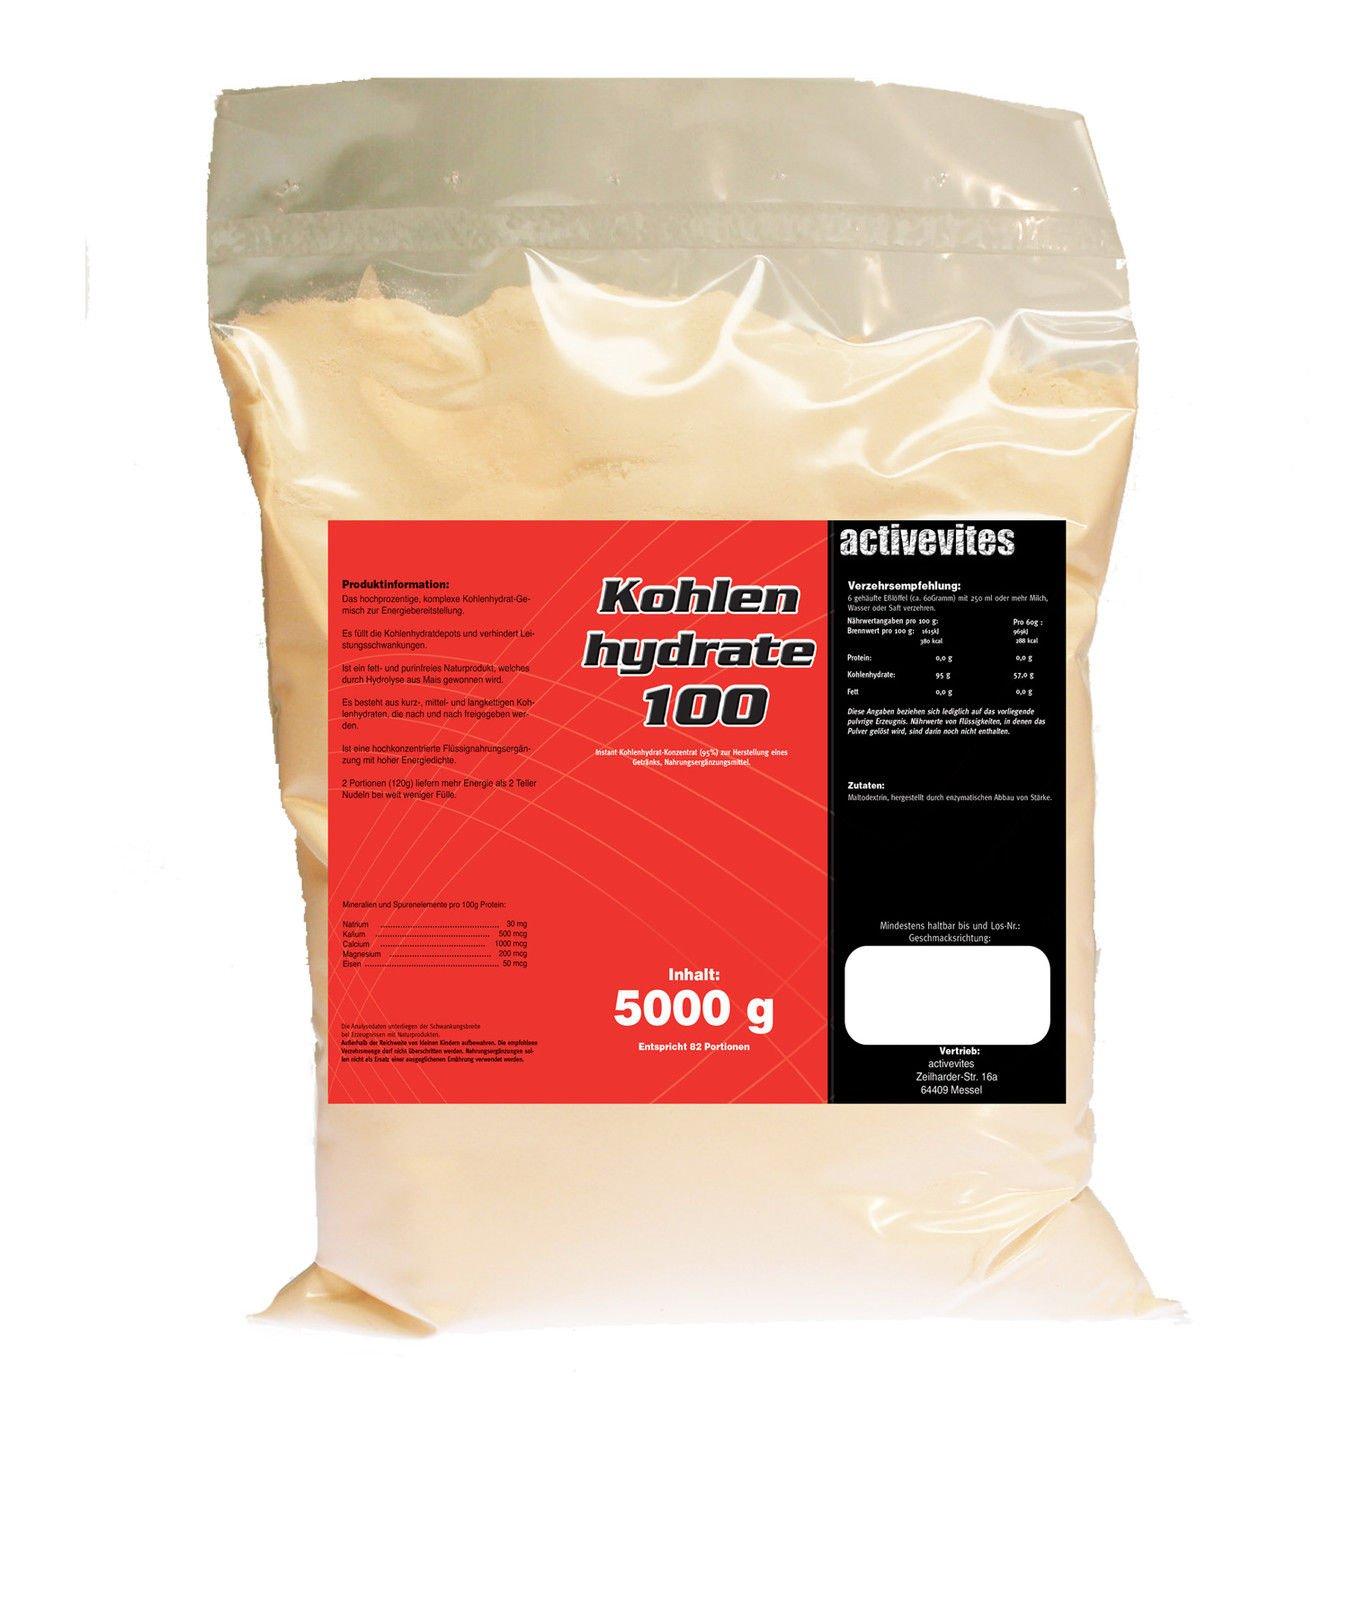 Maltodextrin activevites